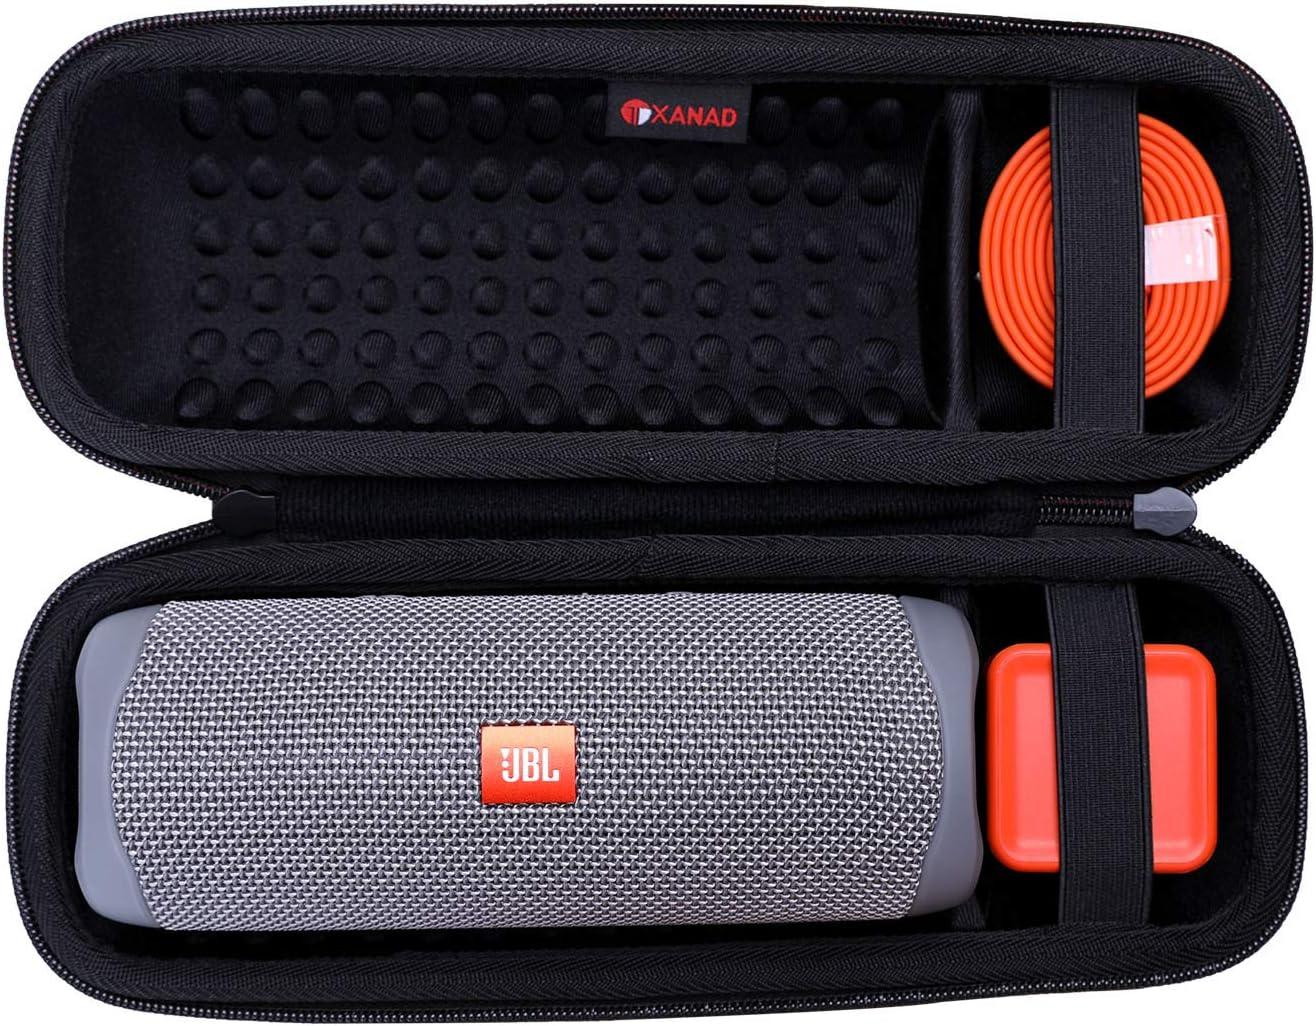 Xanad Hart Reise Tragen Tasche Für Jbl Flip 5 Bluetooth Elektronik